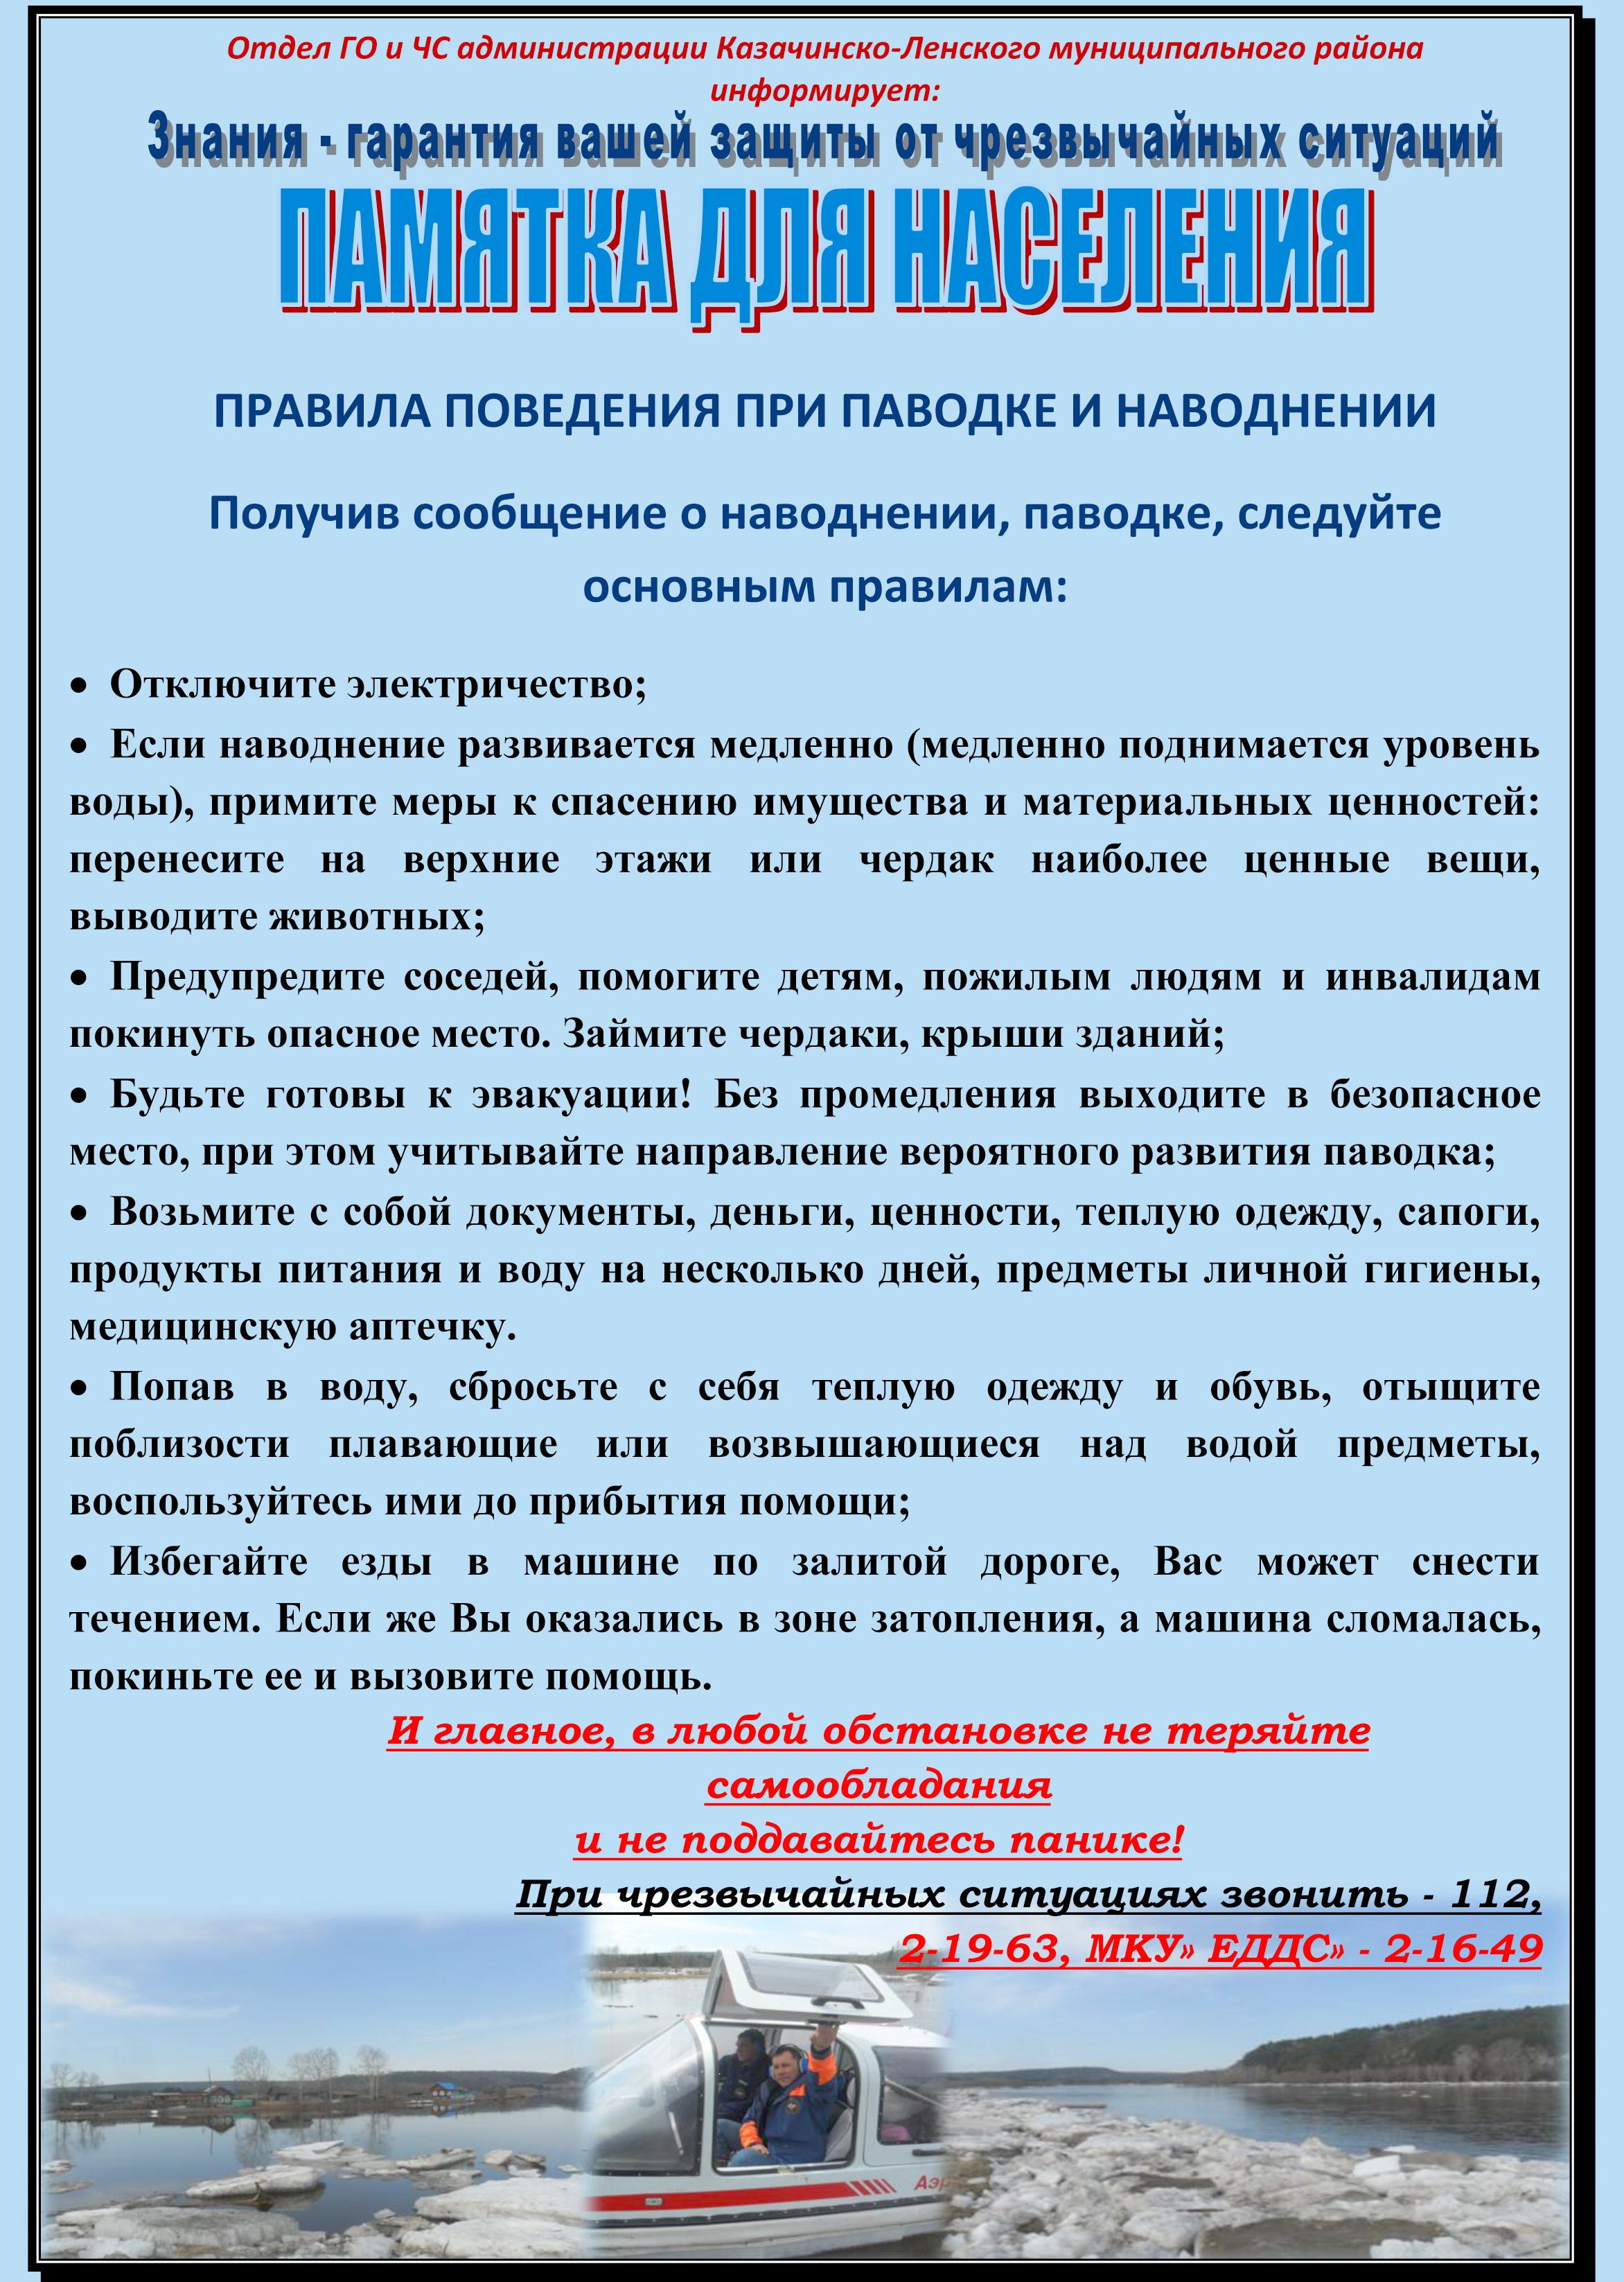 http://mdou-28ryabinka.ru/_tbkp/Dokumenti/pamjatka_po_pavodkam.jpg